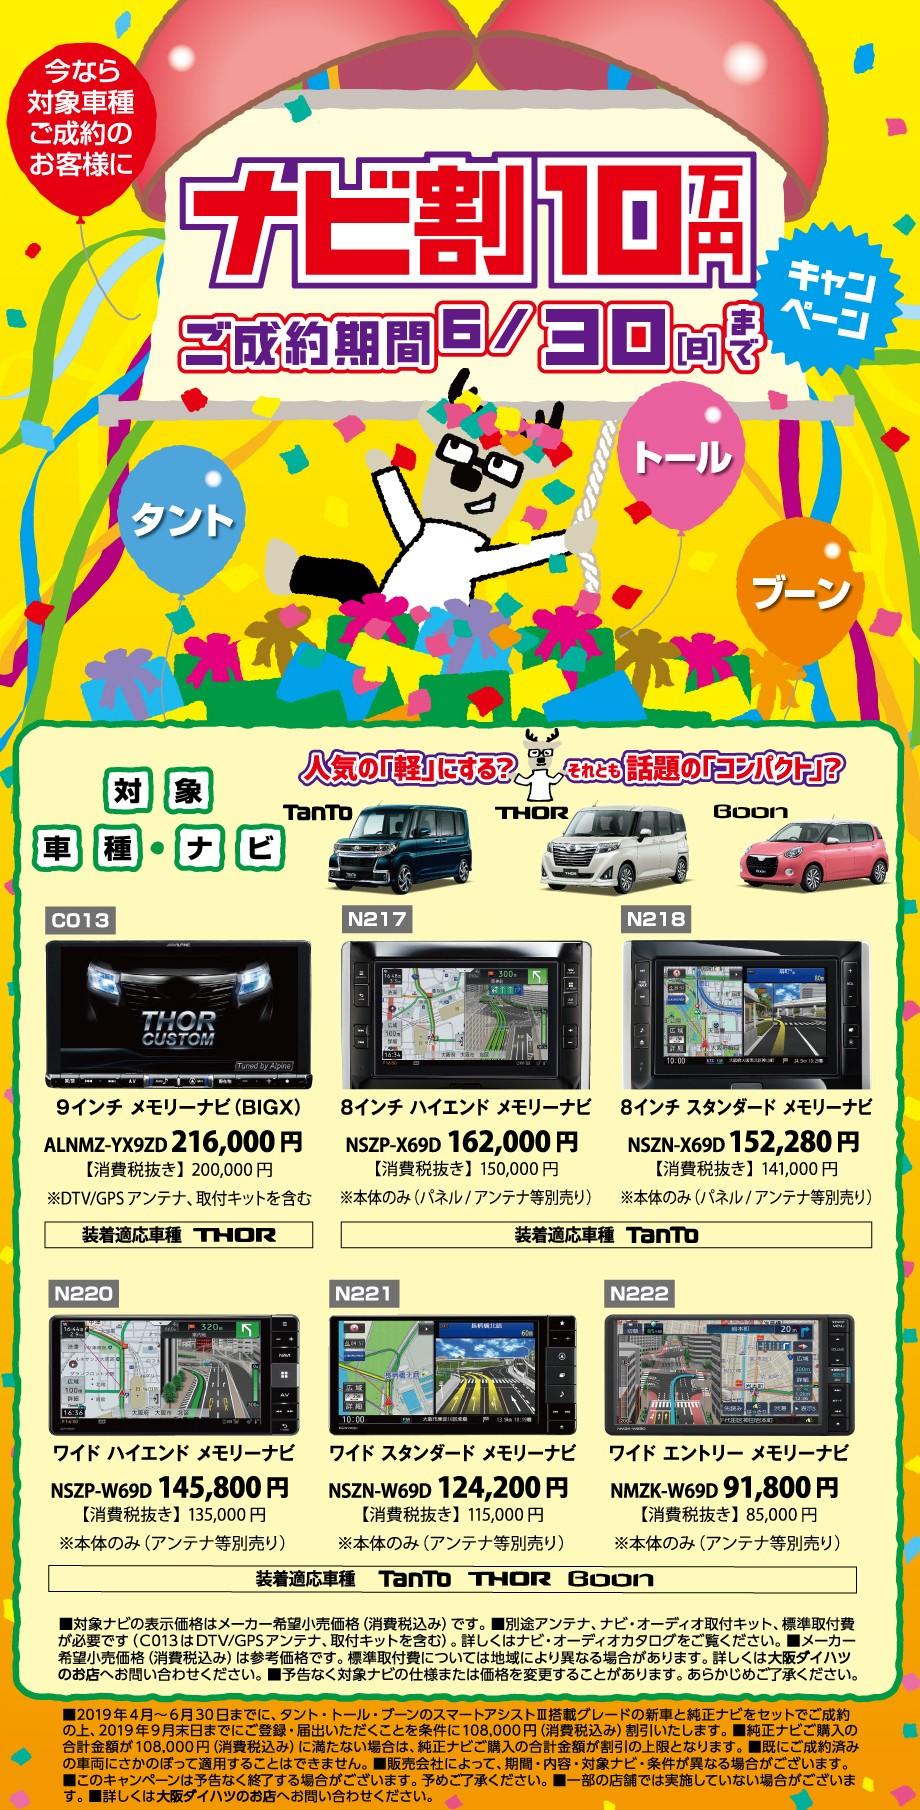 ナビ割10万円キャンペーン!